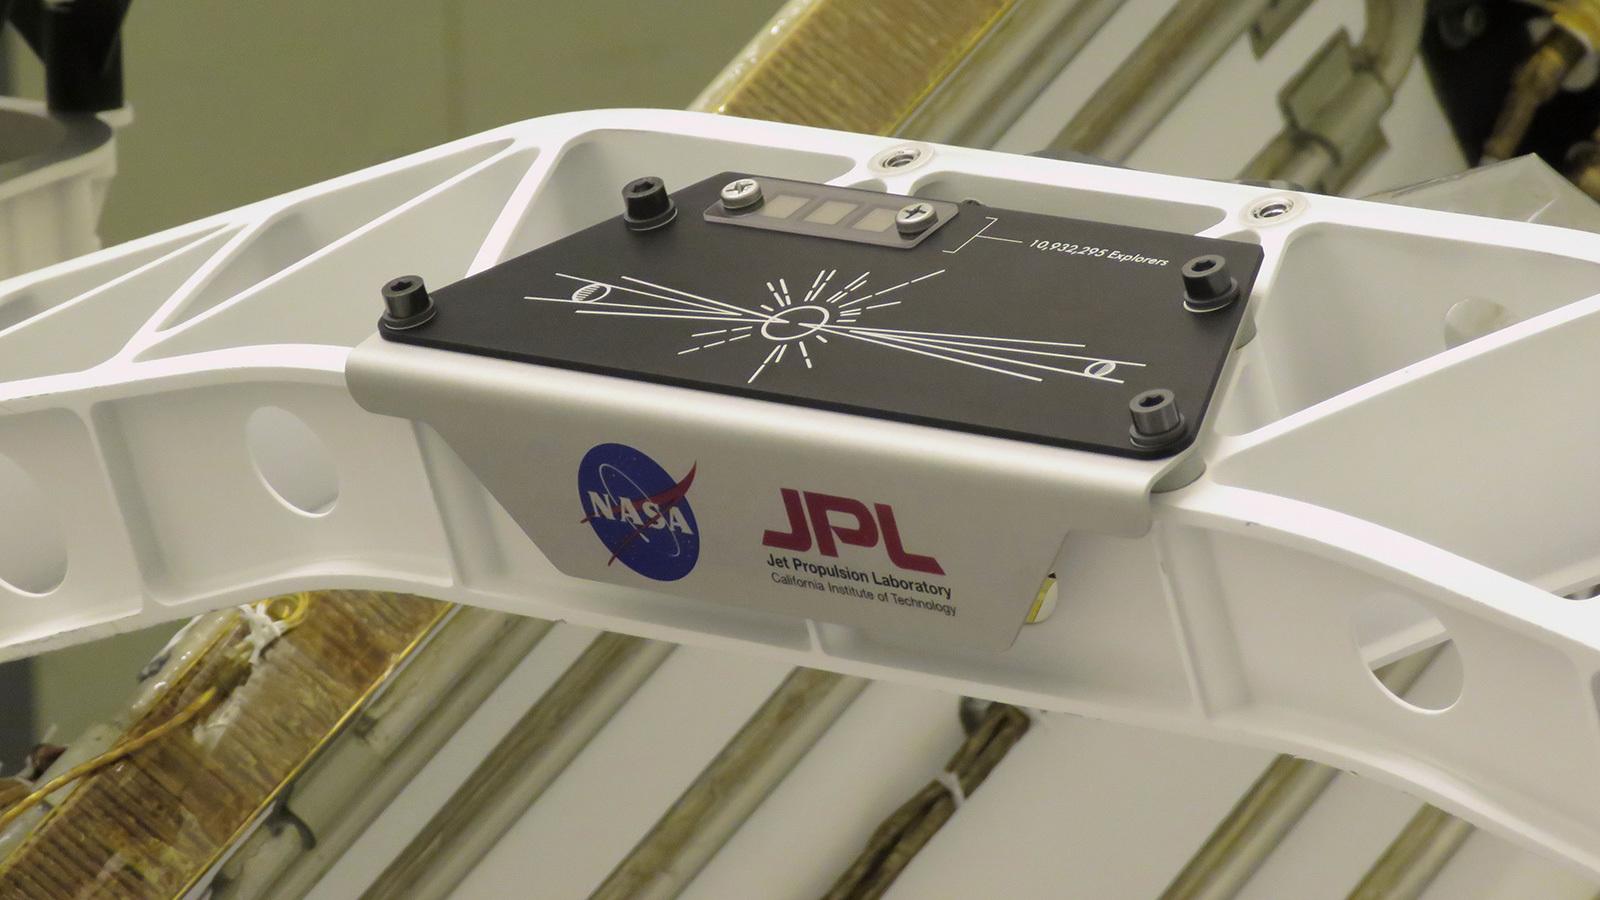 «Відправ своє ім'я на Марс»: на борт марсохода Perseverance нанесли 10 932 295 імен - марсохід, NASA - 30 ymya2